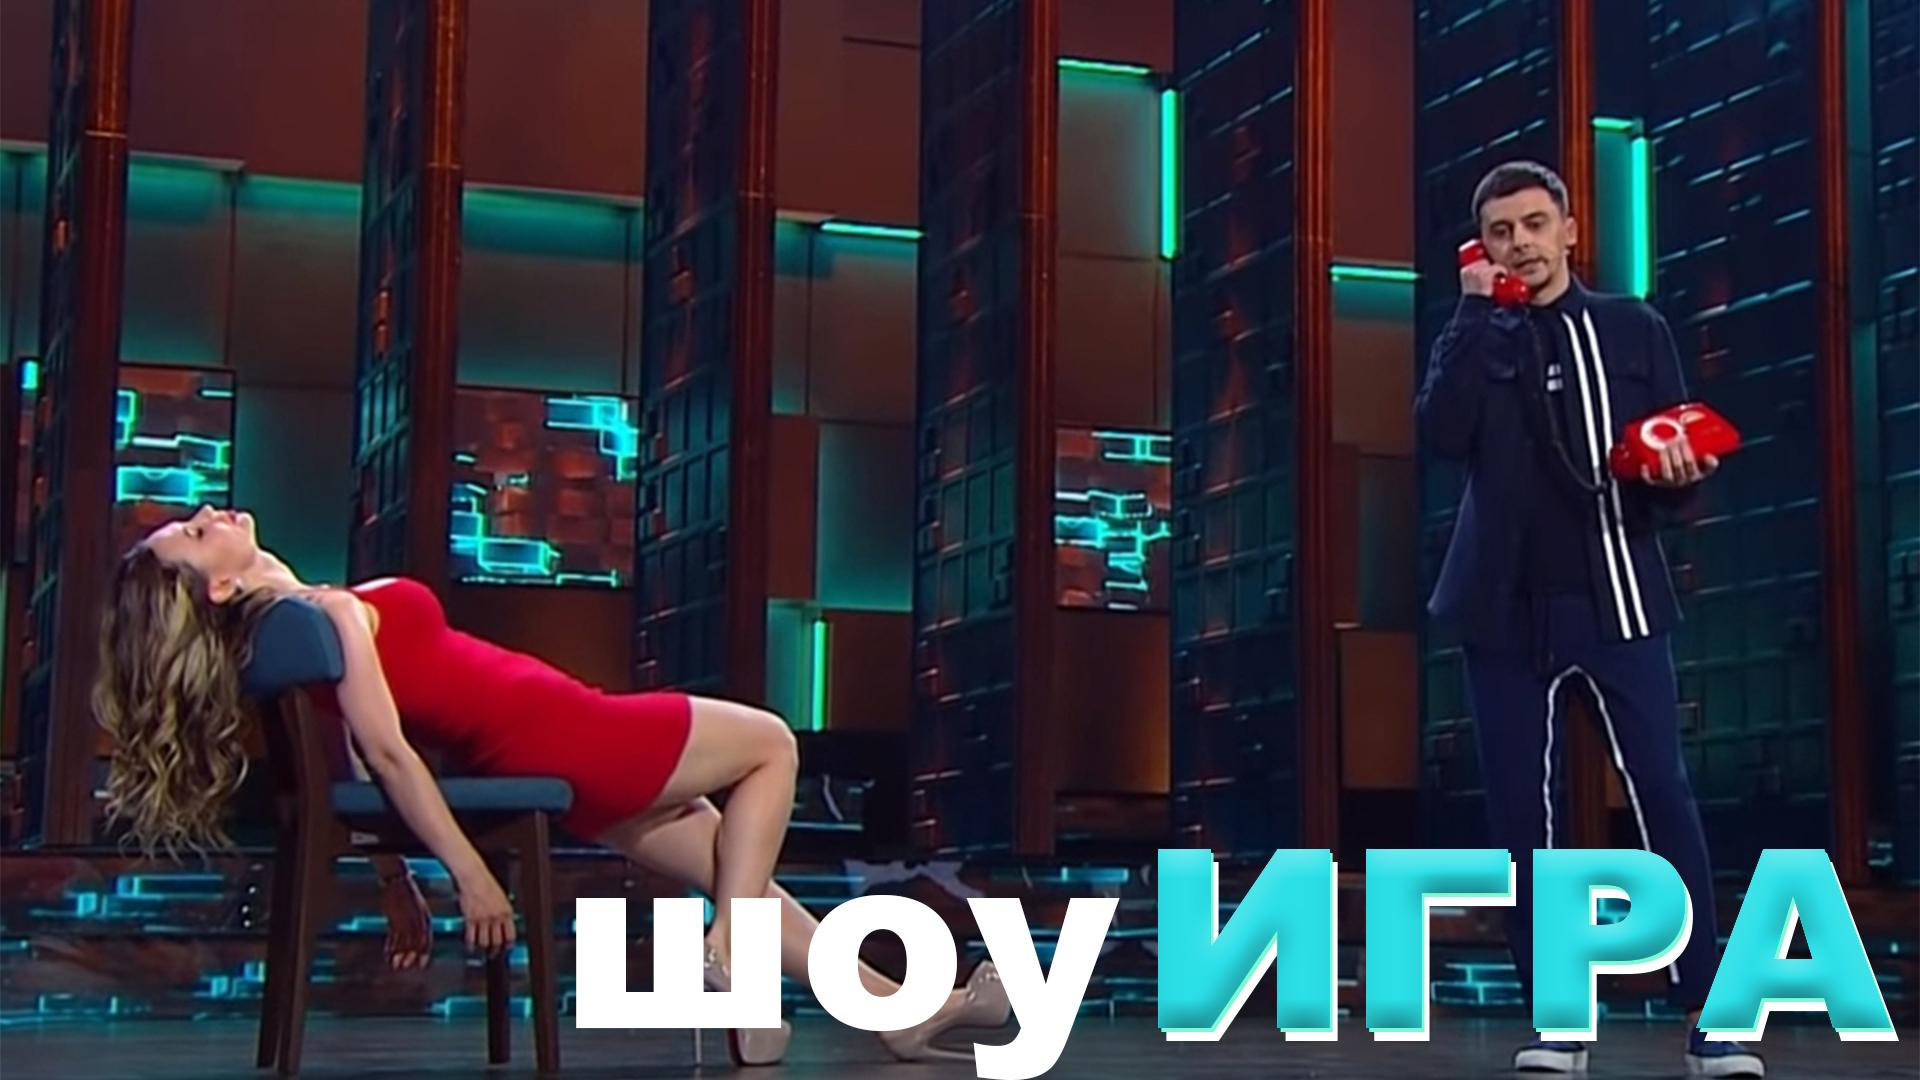 """В шоу """"Игра"""" показали жесткую пародию на Льва Лещенко, после которой Мартиросян выбежал из зала"""